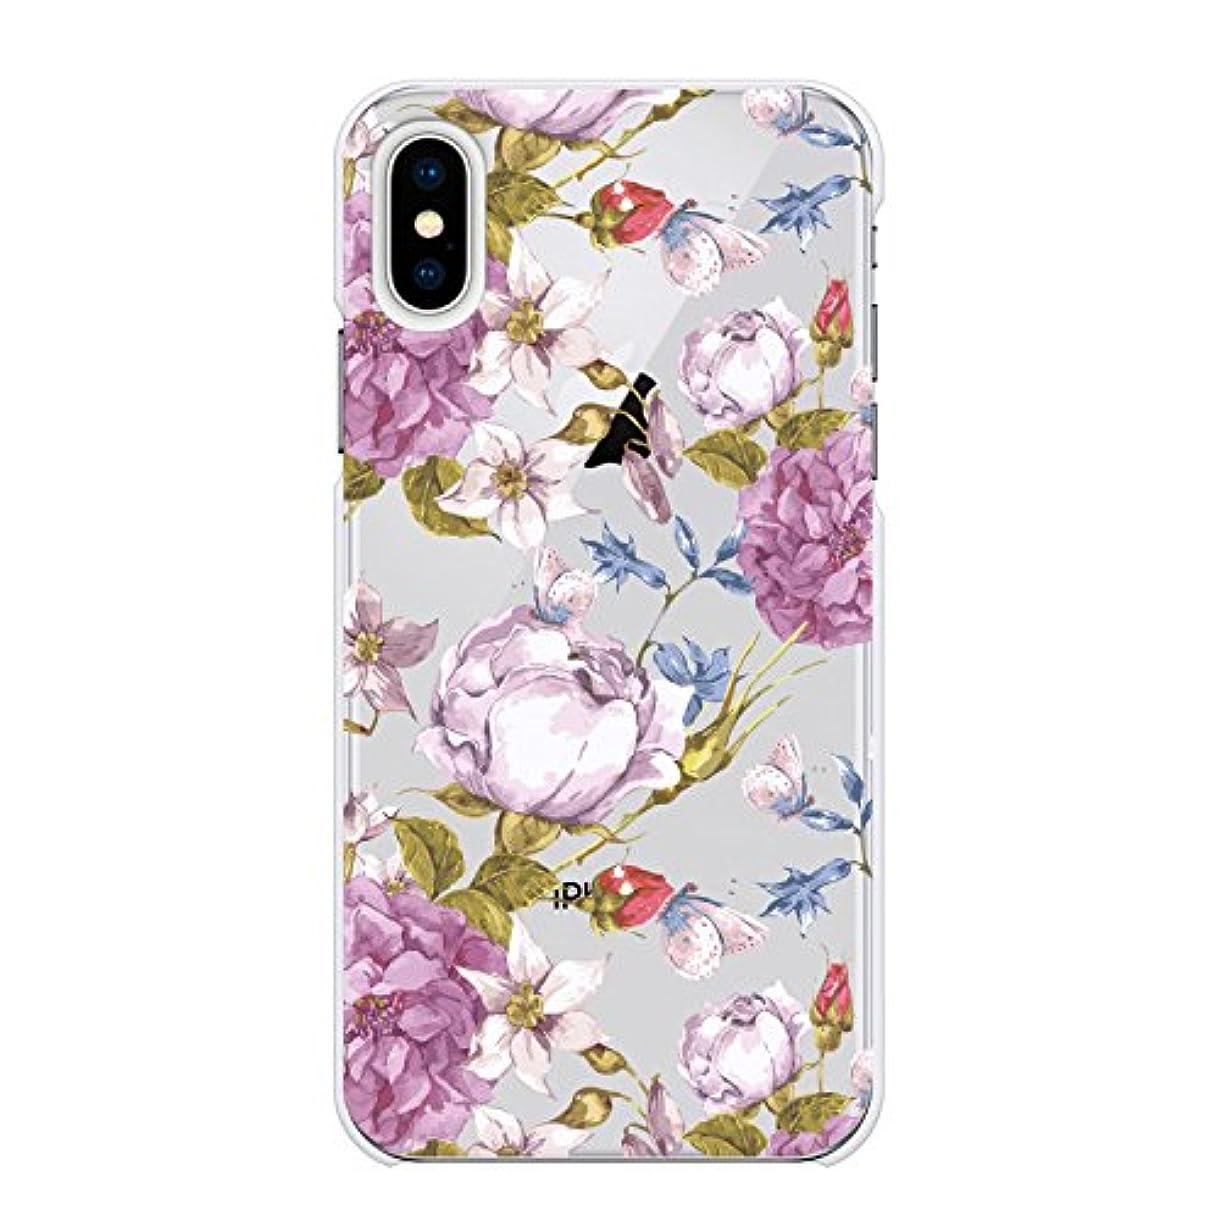 ファントムシャイブームRuuu iPhone XR ハード ケース スマートフォン スマホ カバー 柄入り クリアケース フェミニン ボタニカル クリア 透明 イラスト かわいい 花柄 はな 花 フラワー 蝶々